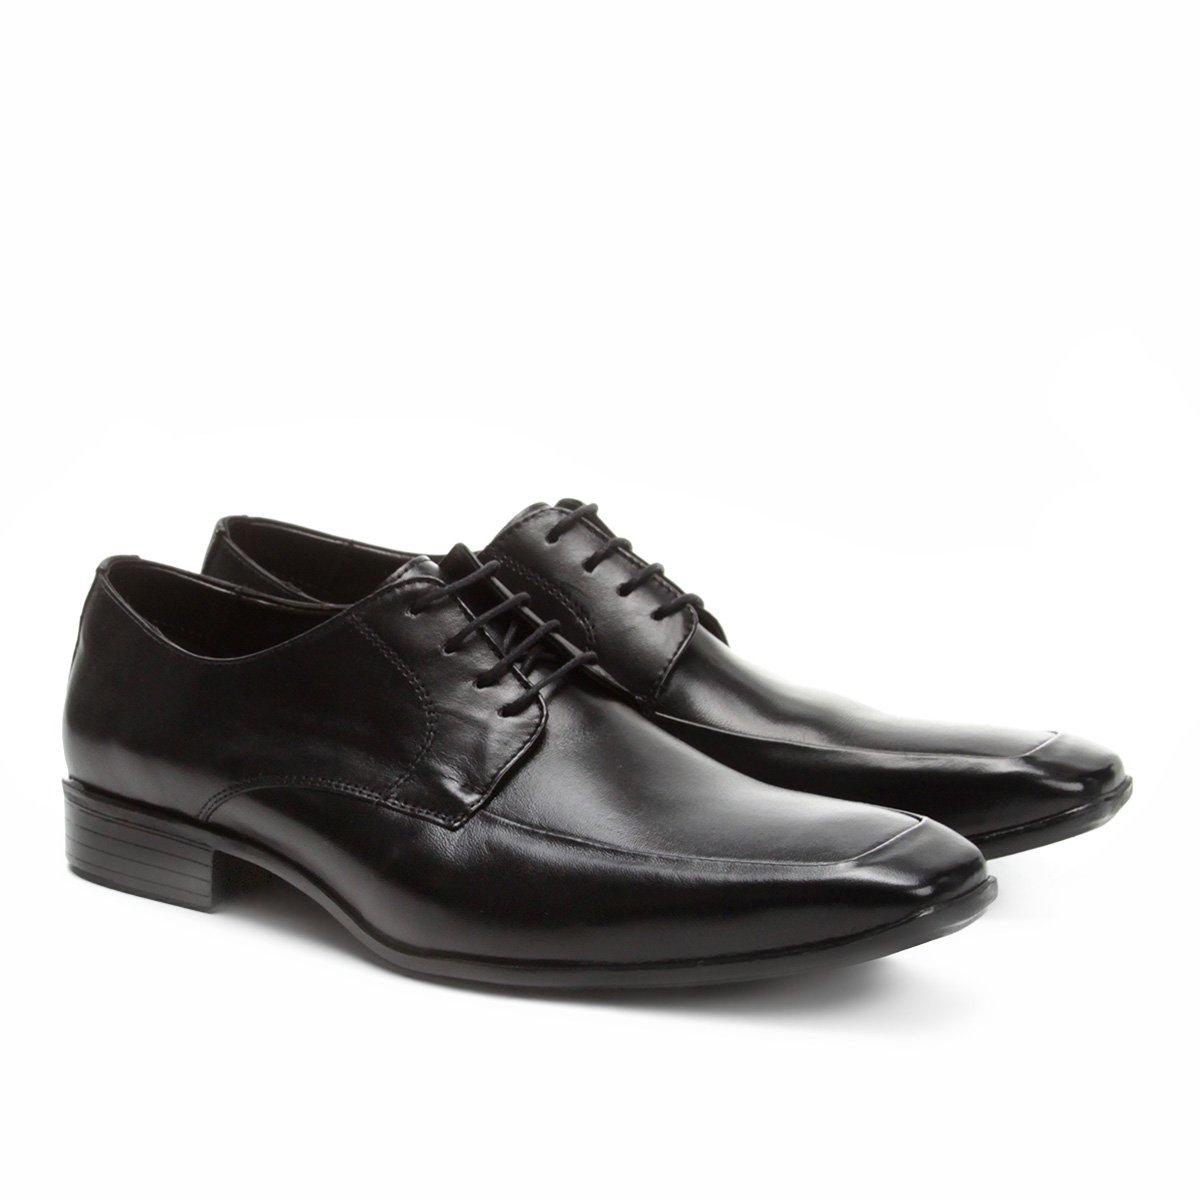 Preto Walkabout Social Quadrado Sapato Sapato Social Bico Couro 6IPq0q7